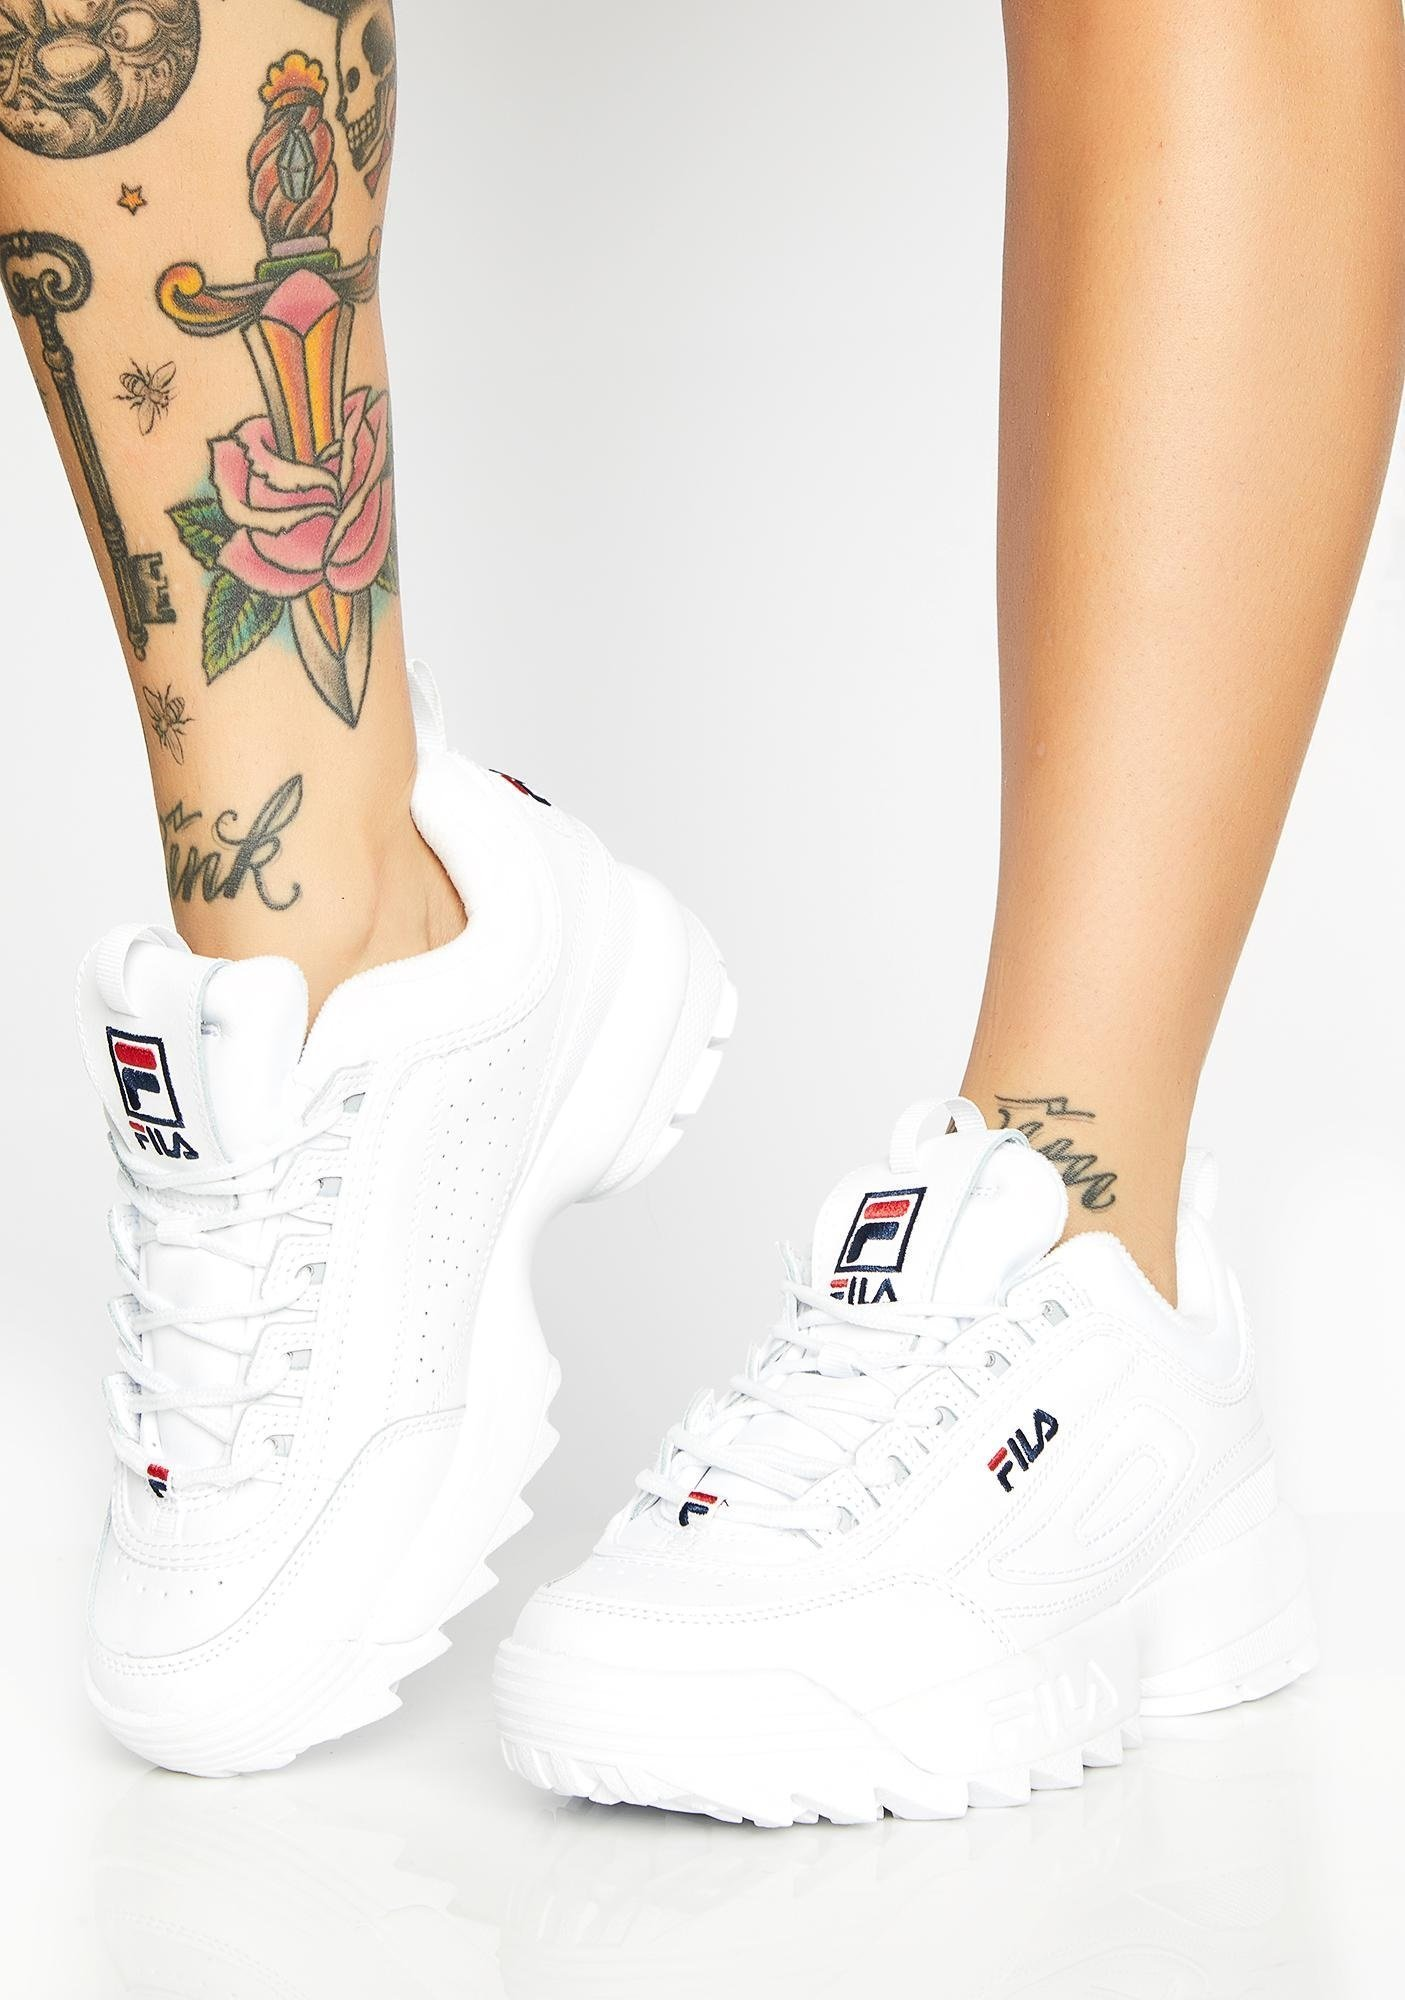 Oryginalny Buty Sportowe Sneakersy Damskie Fila Disruptor Ii Biale Rozmiar Uk 4 Us 6 5 Eu 37 5 37 5238 00 Zl Kaktus24 Pl